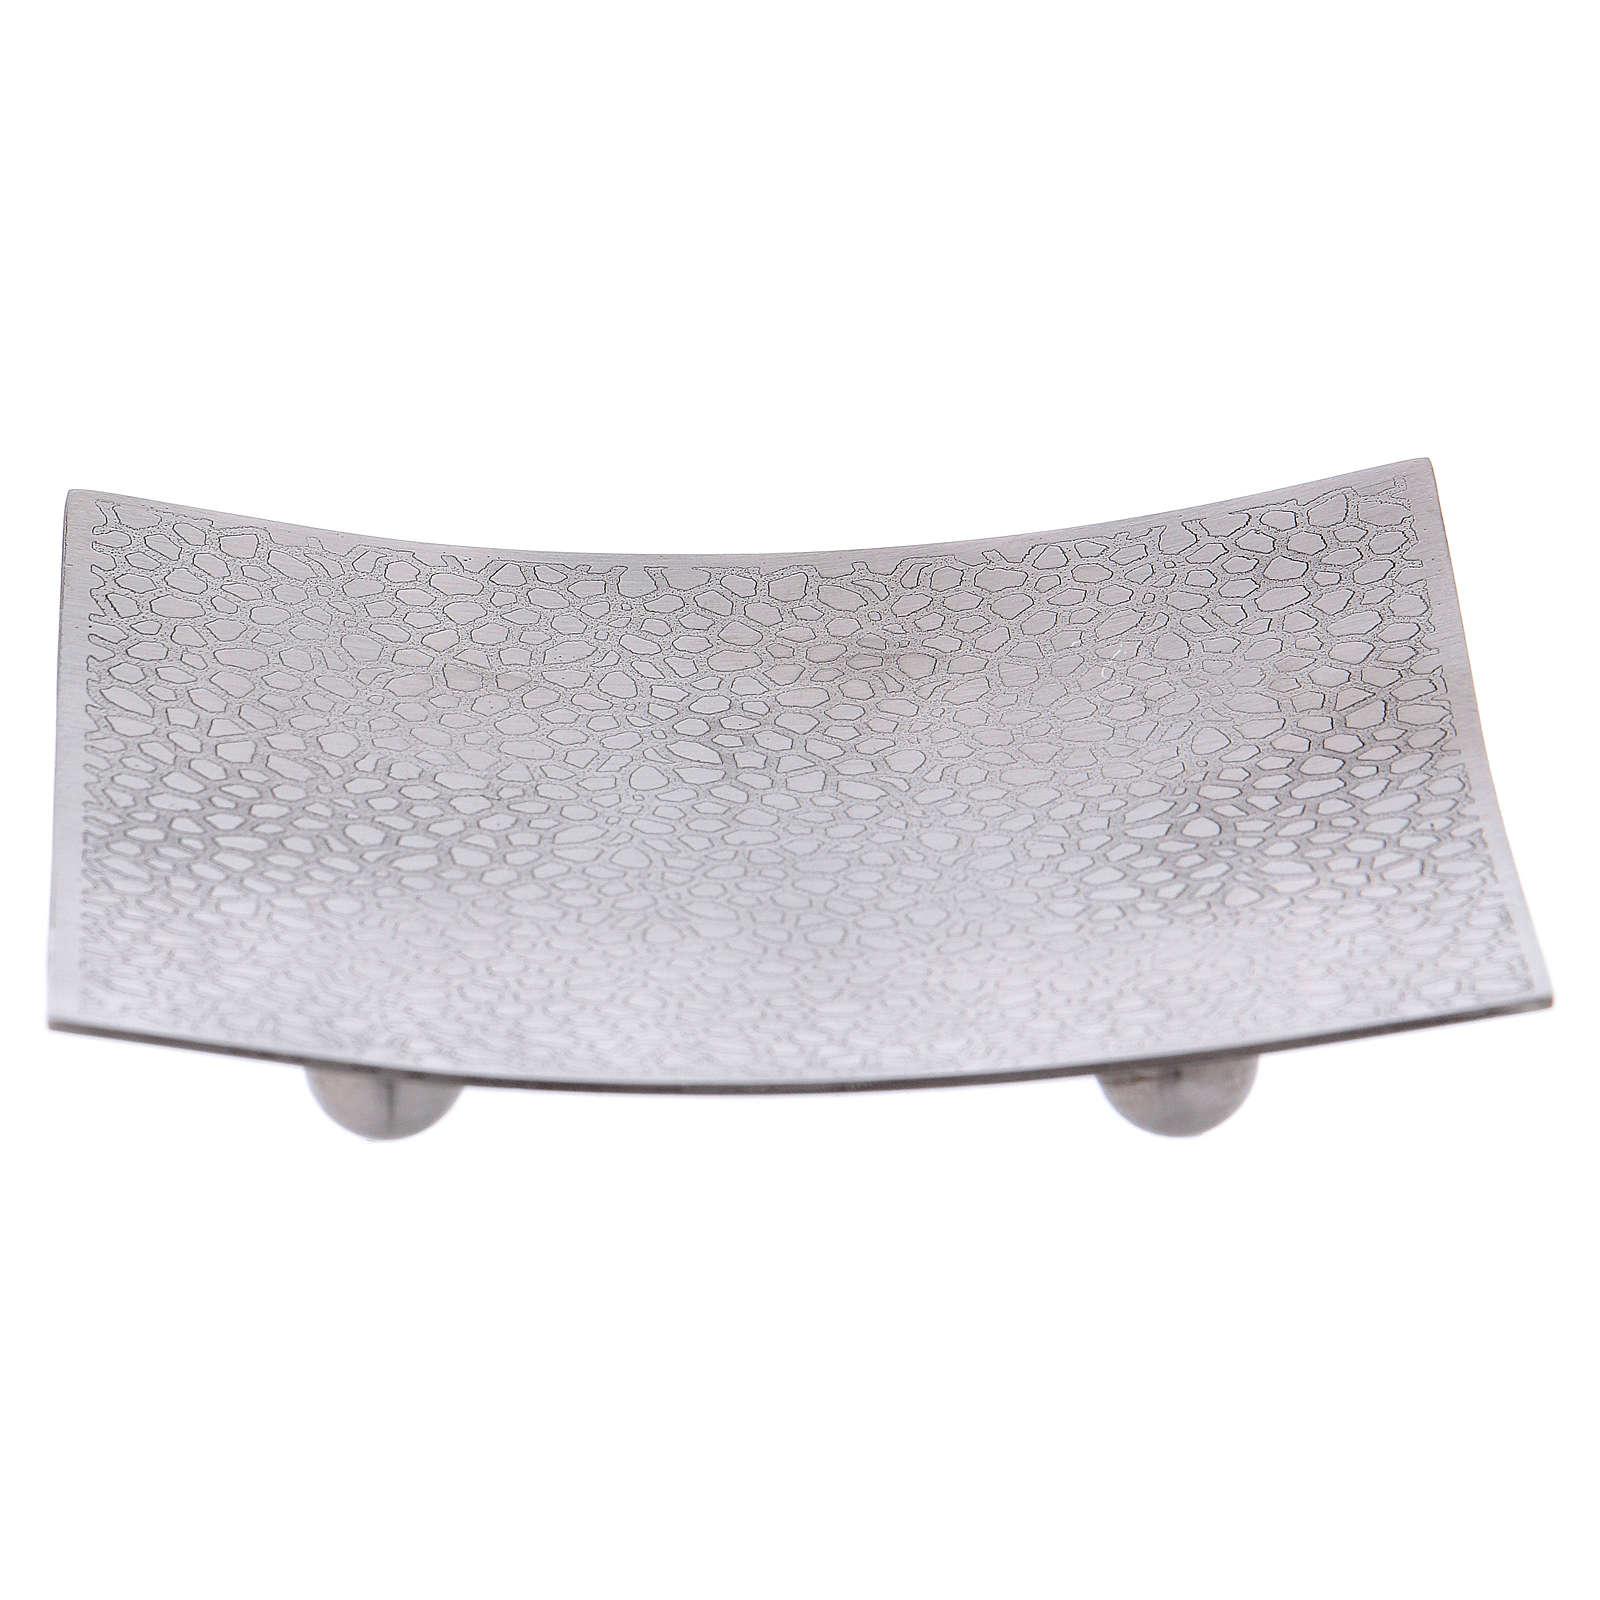 Portacandele quadrato stile moderno alluminio argentato 3